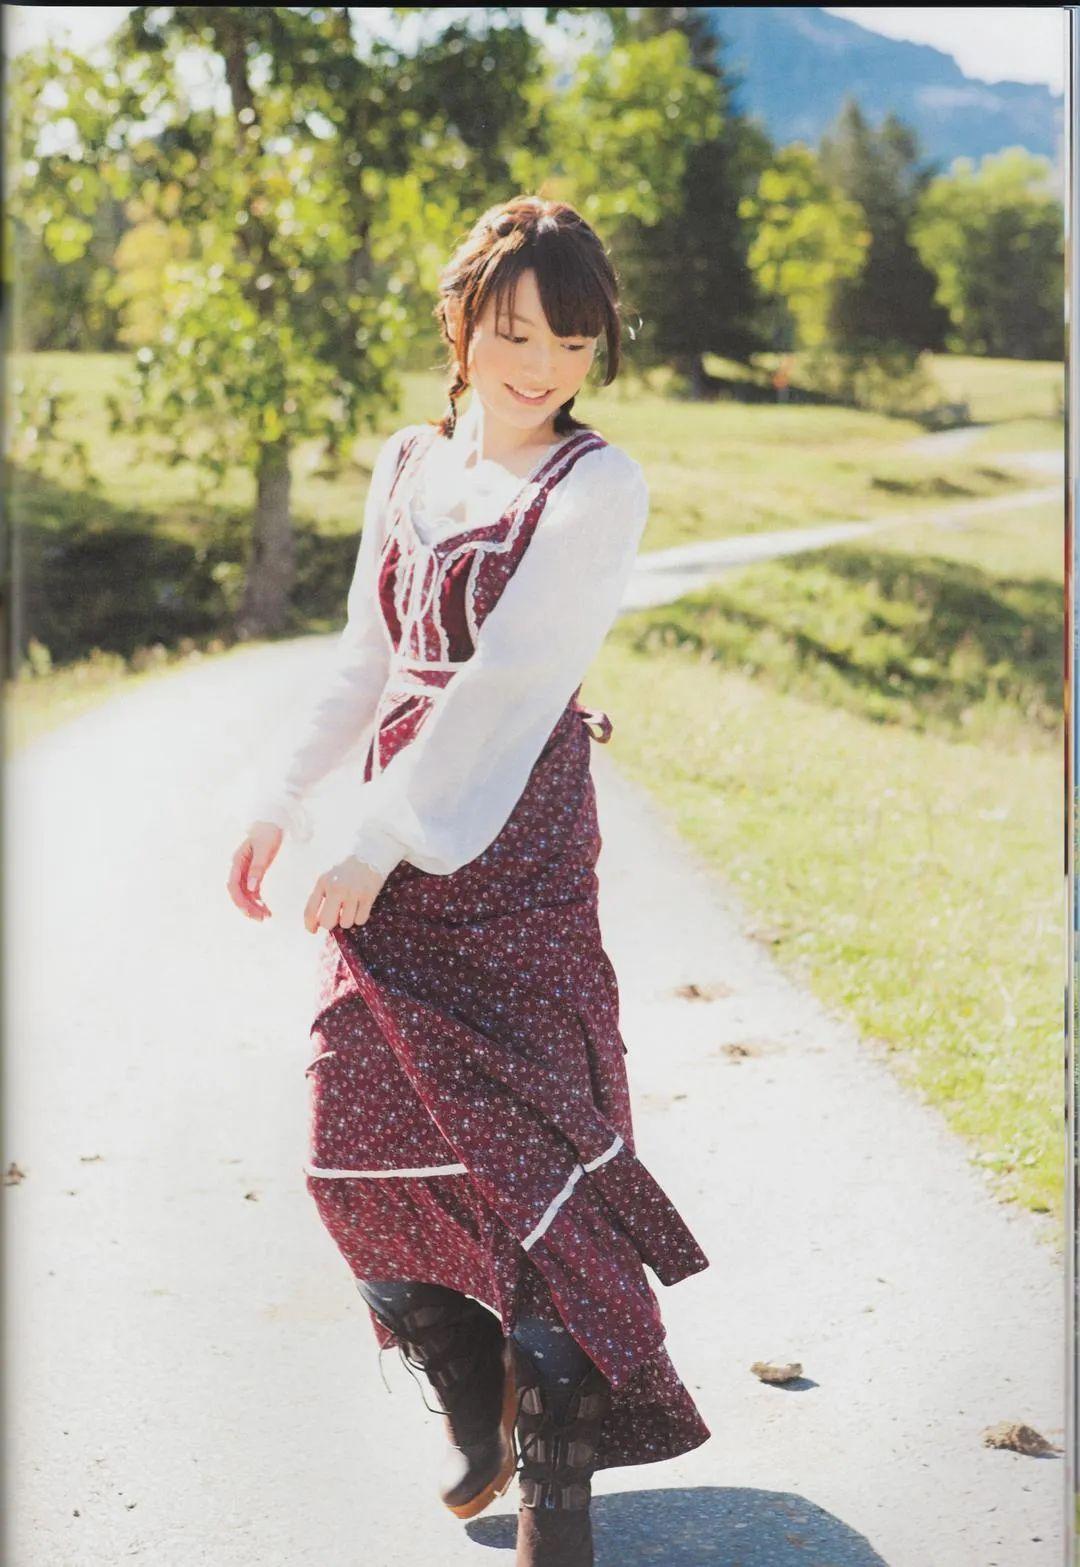 花泽香菜2005-2020年颜值变化,老婆真的好好看啊_图片 No.11